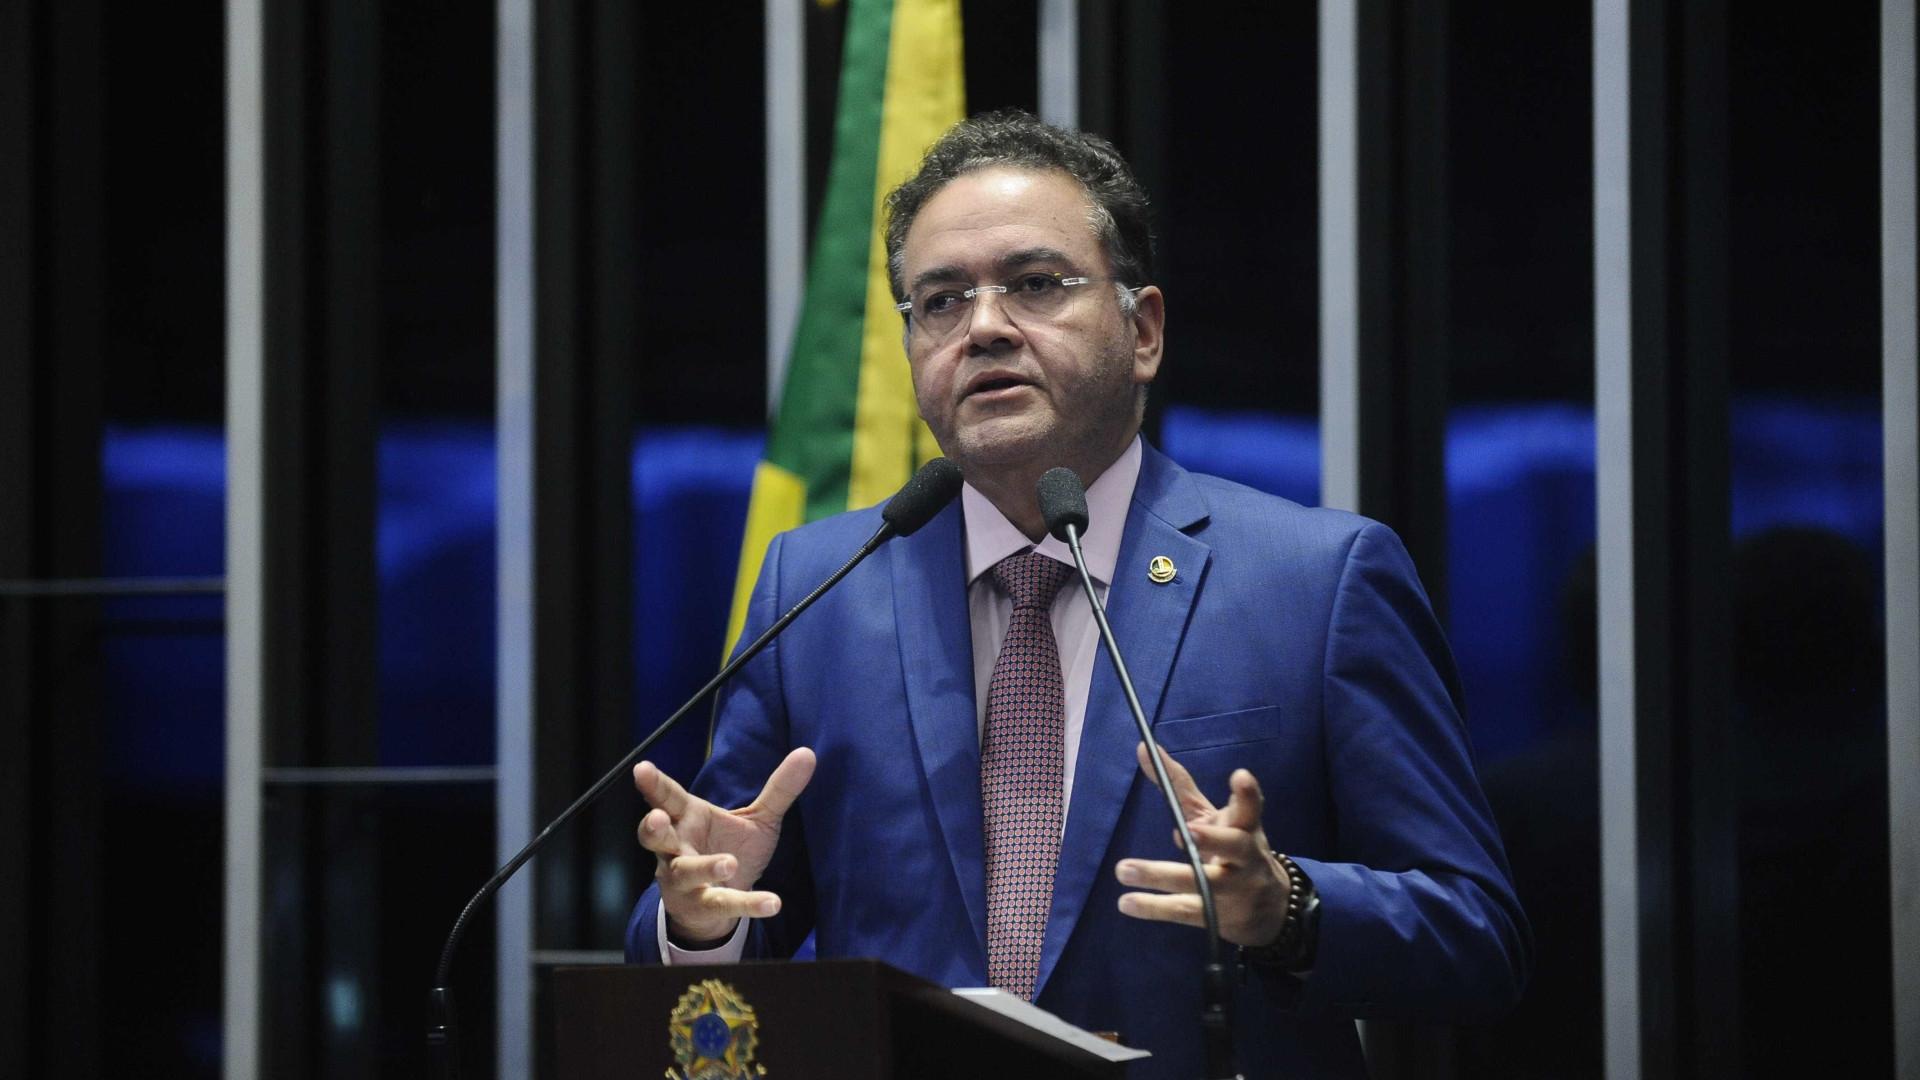 Mudança na reforma tributária vai ter transição de 5 anos, diz relator